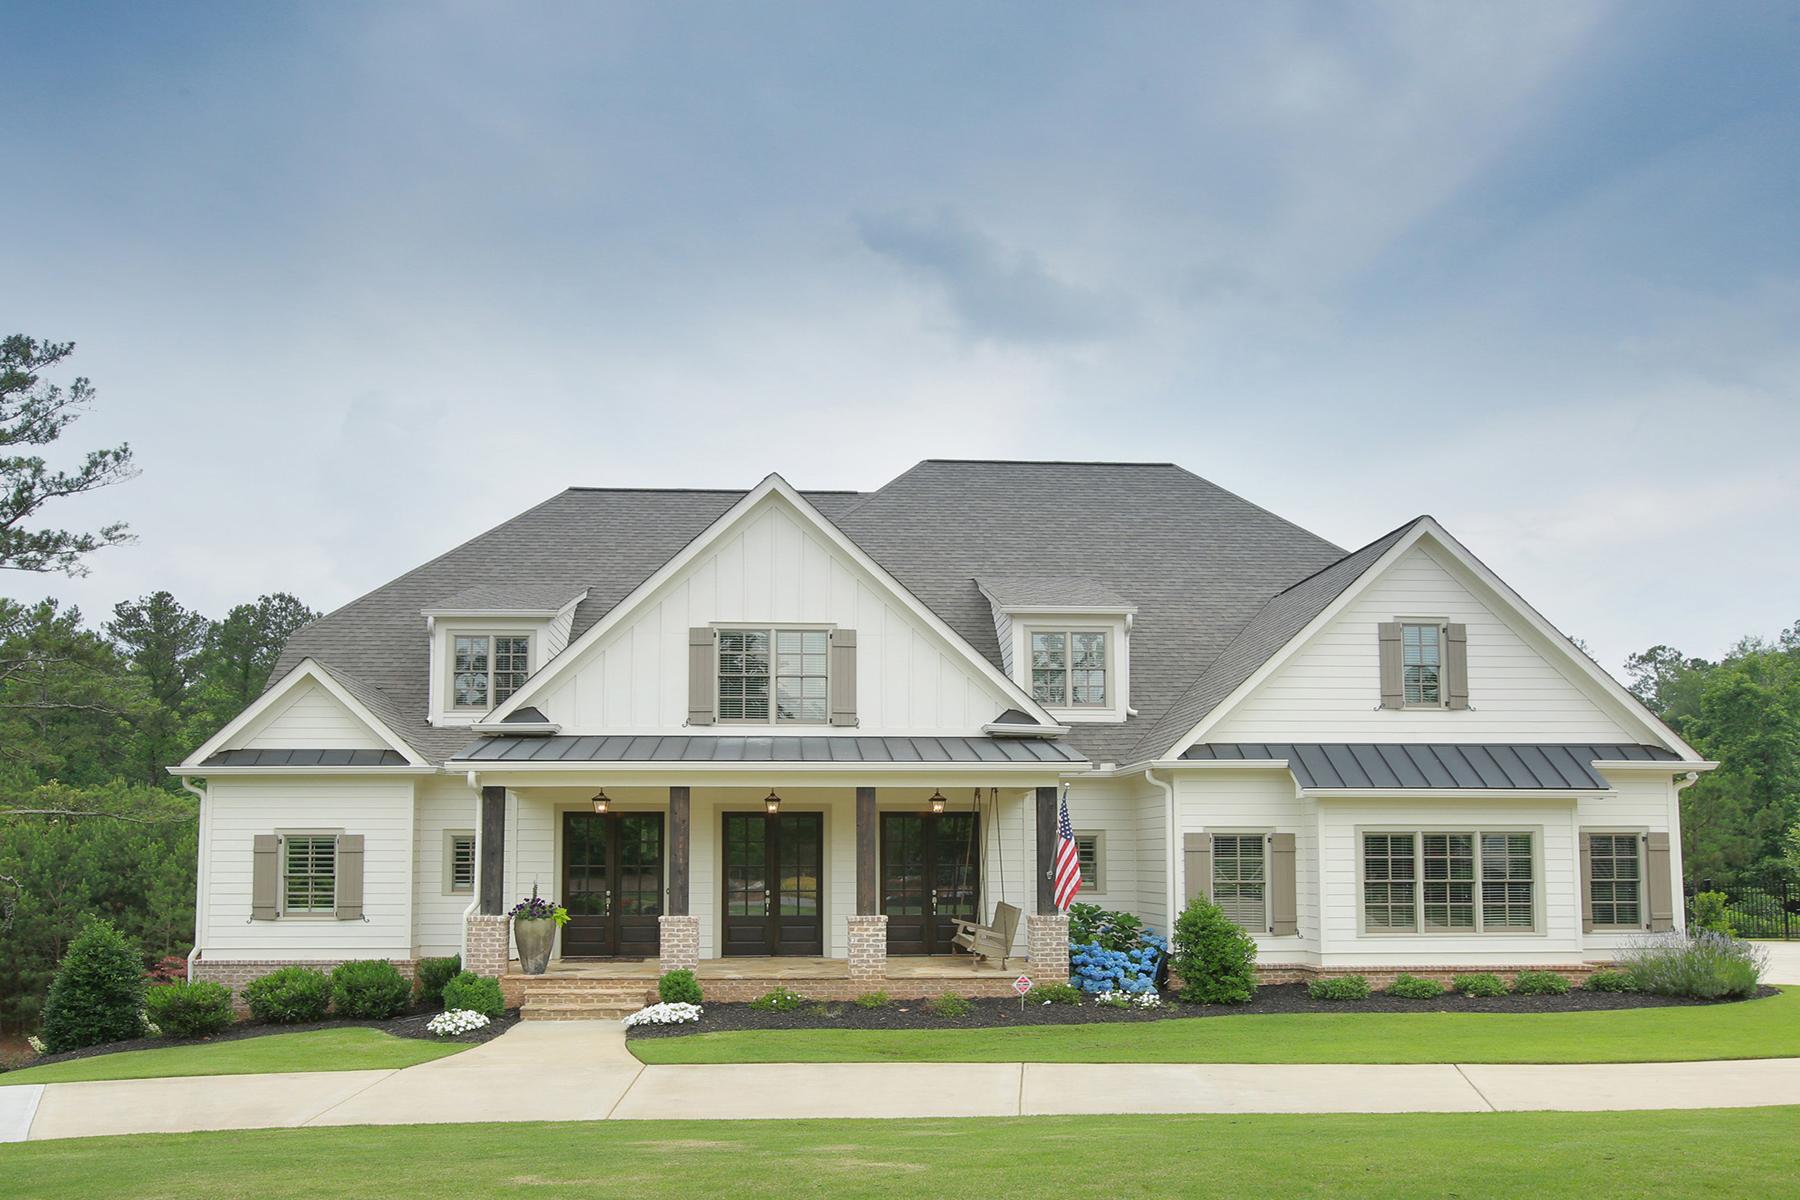 Villa per Vendita alle ore One Of The Most Desirable Single Family Streets In Downtown Alpharetta! 170 Meadow Drive Alpharetta, Georgia, 30009 Stati Uniti